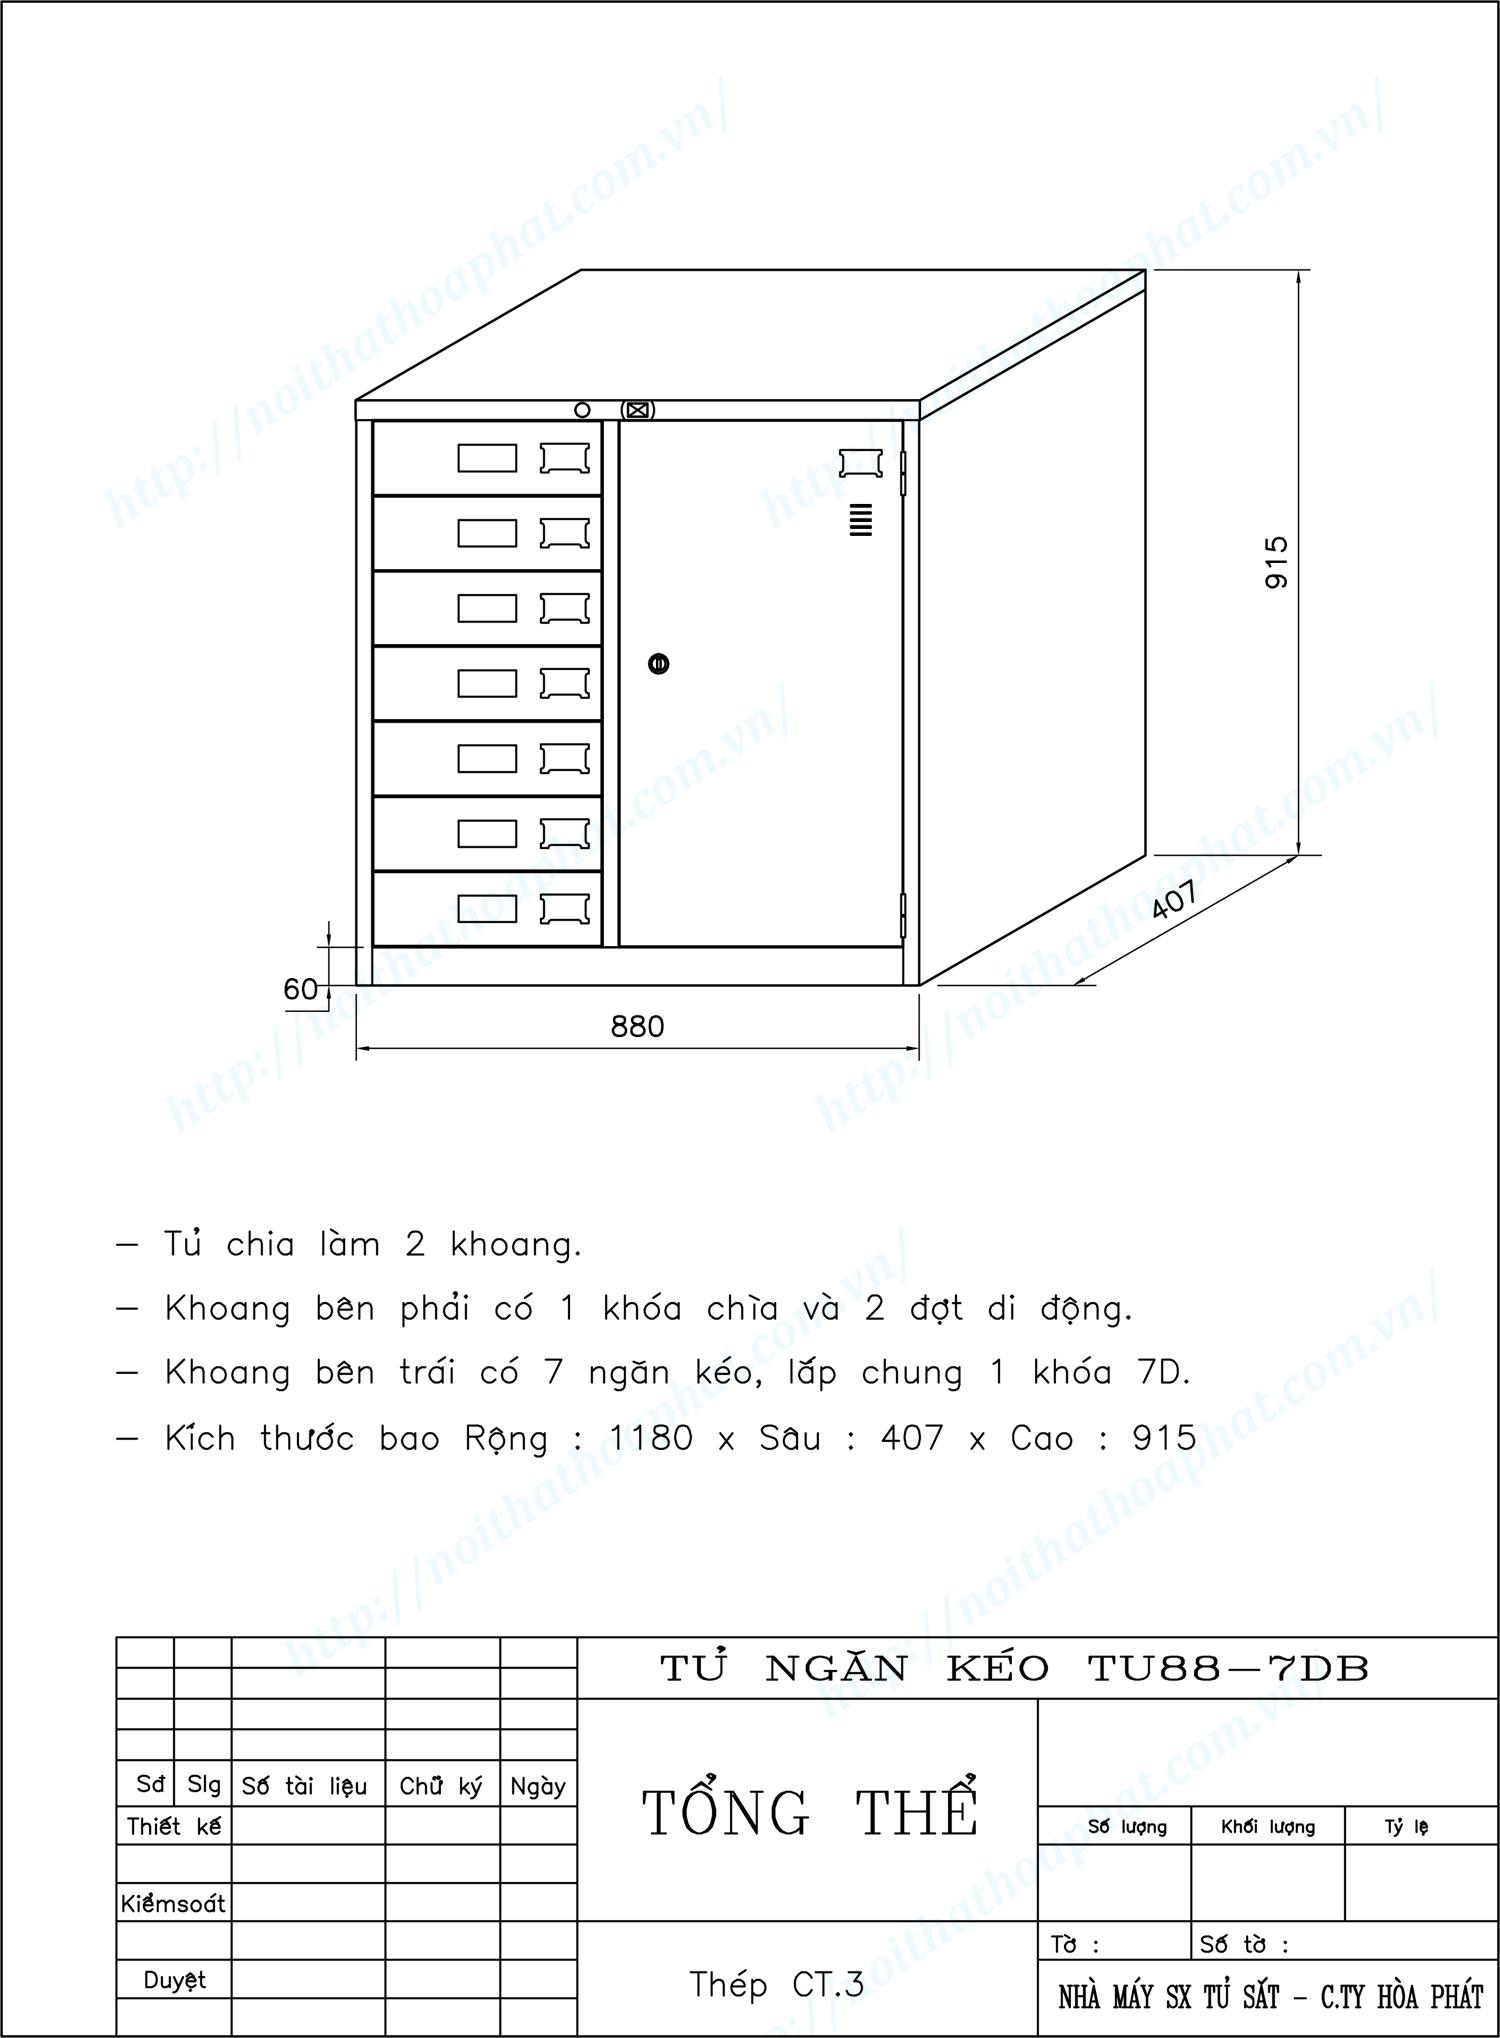 Bản vẽ kỹ thuật thiết kế tủ sắt 7 ngăn kéo TU88-7DB